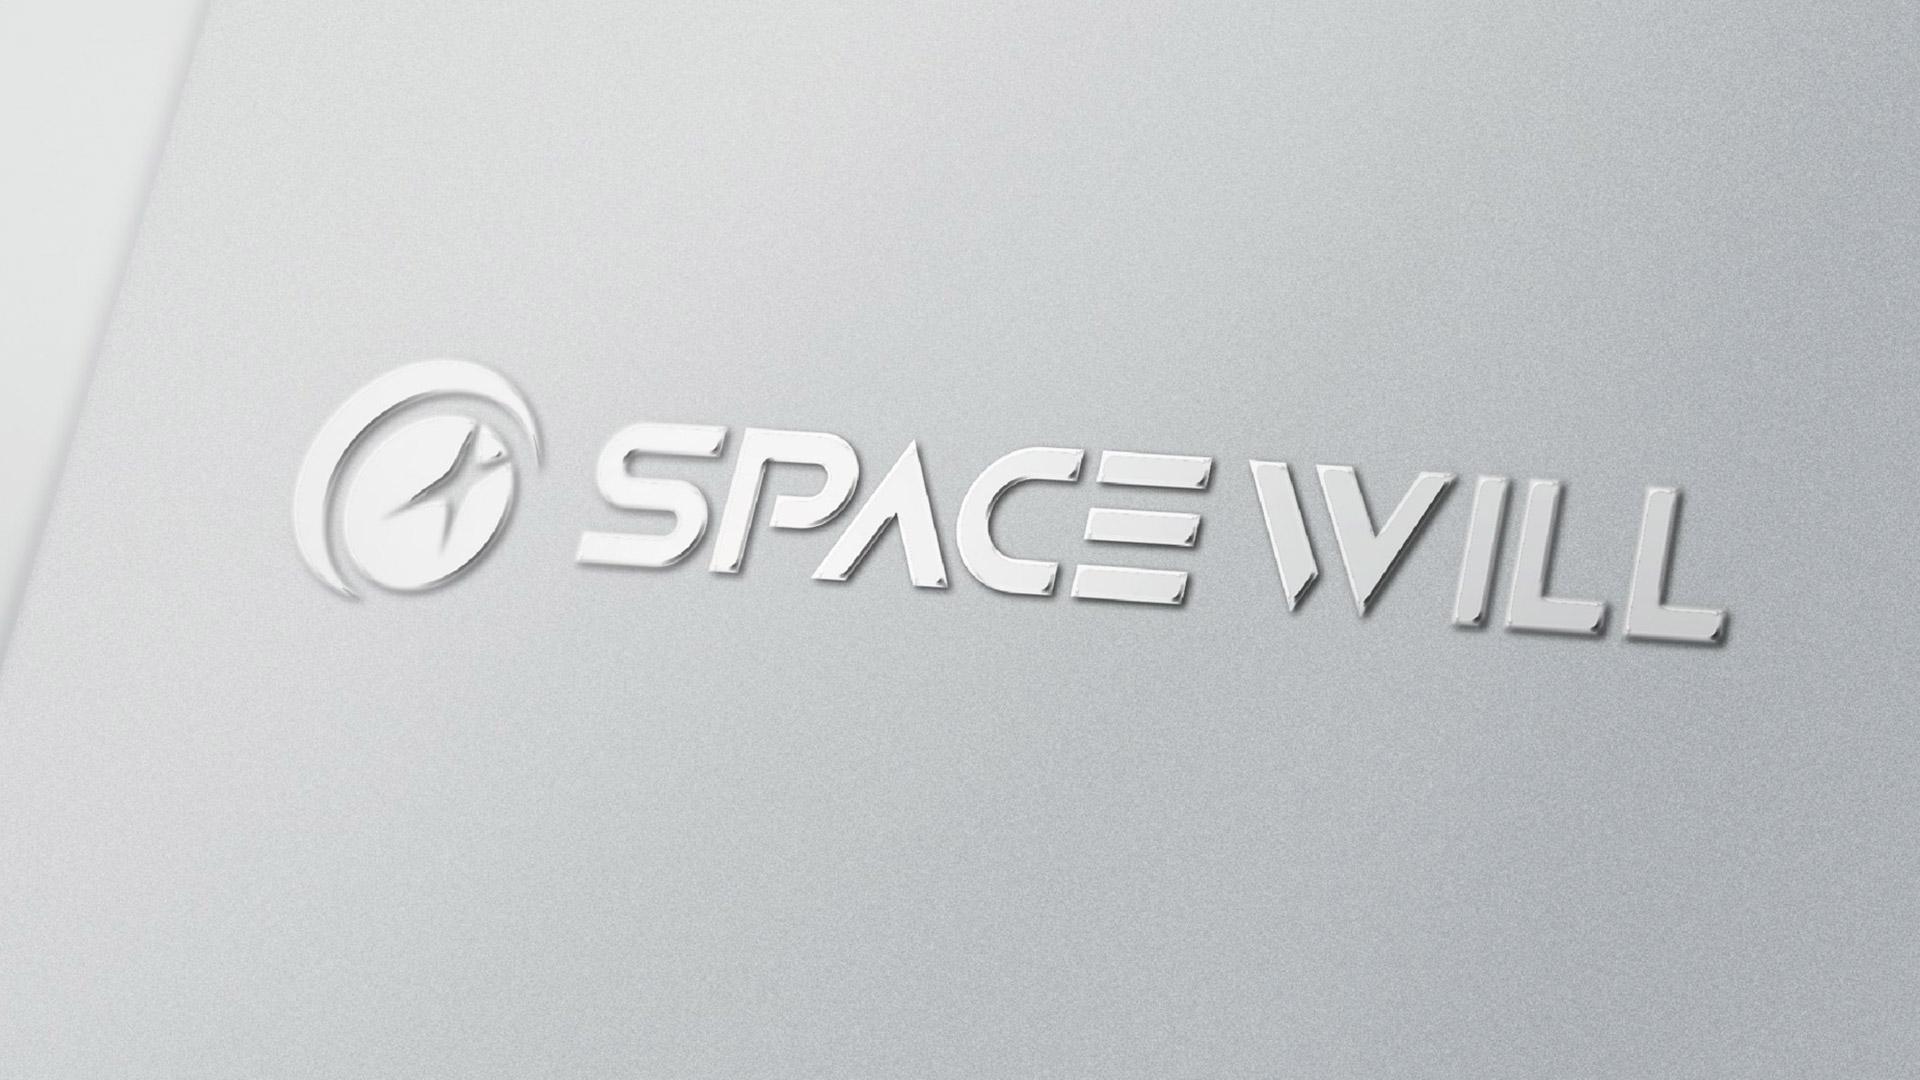 航天世景新logo材质效果图